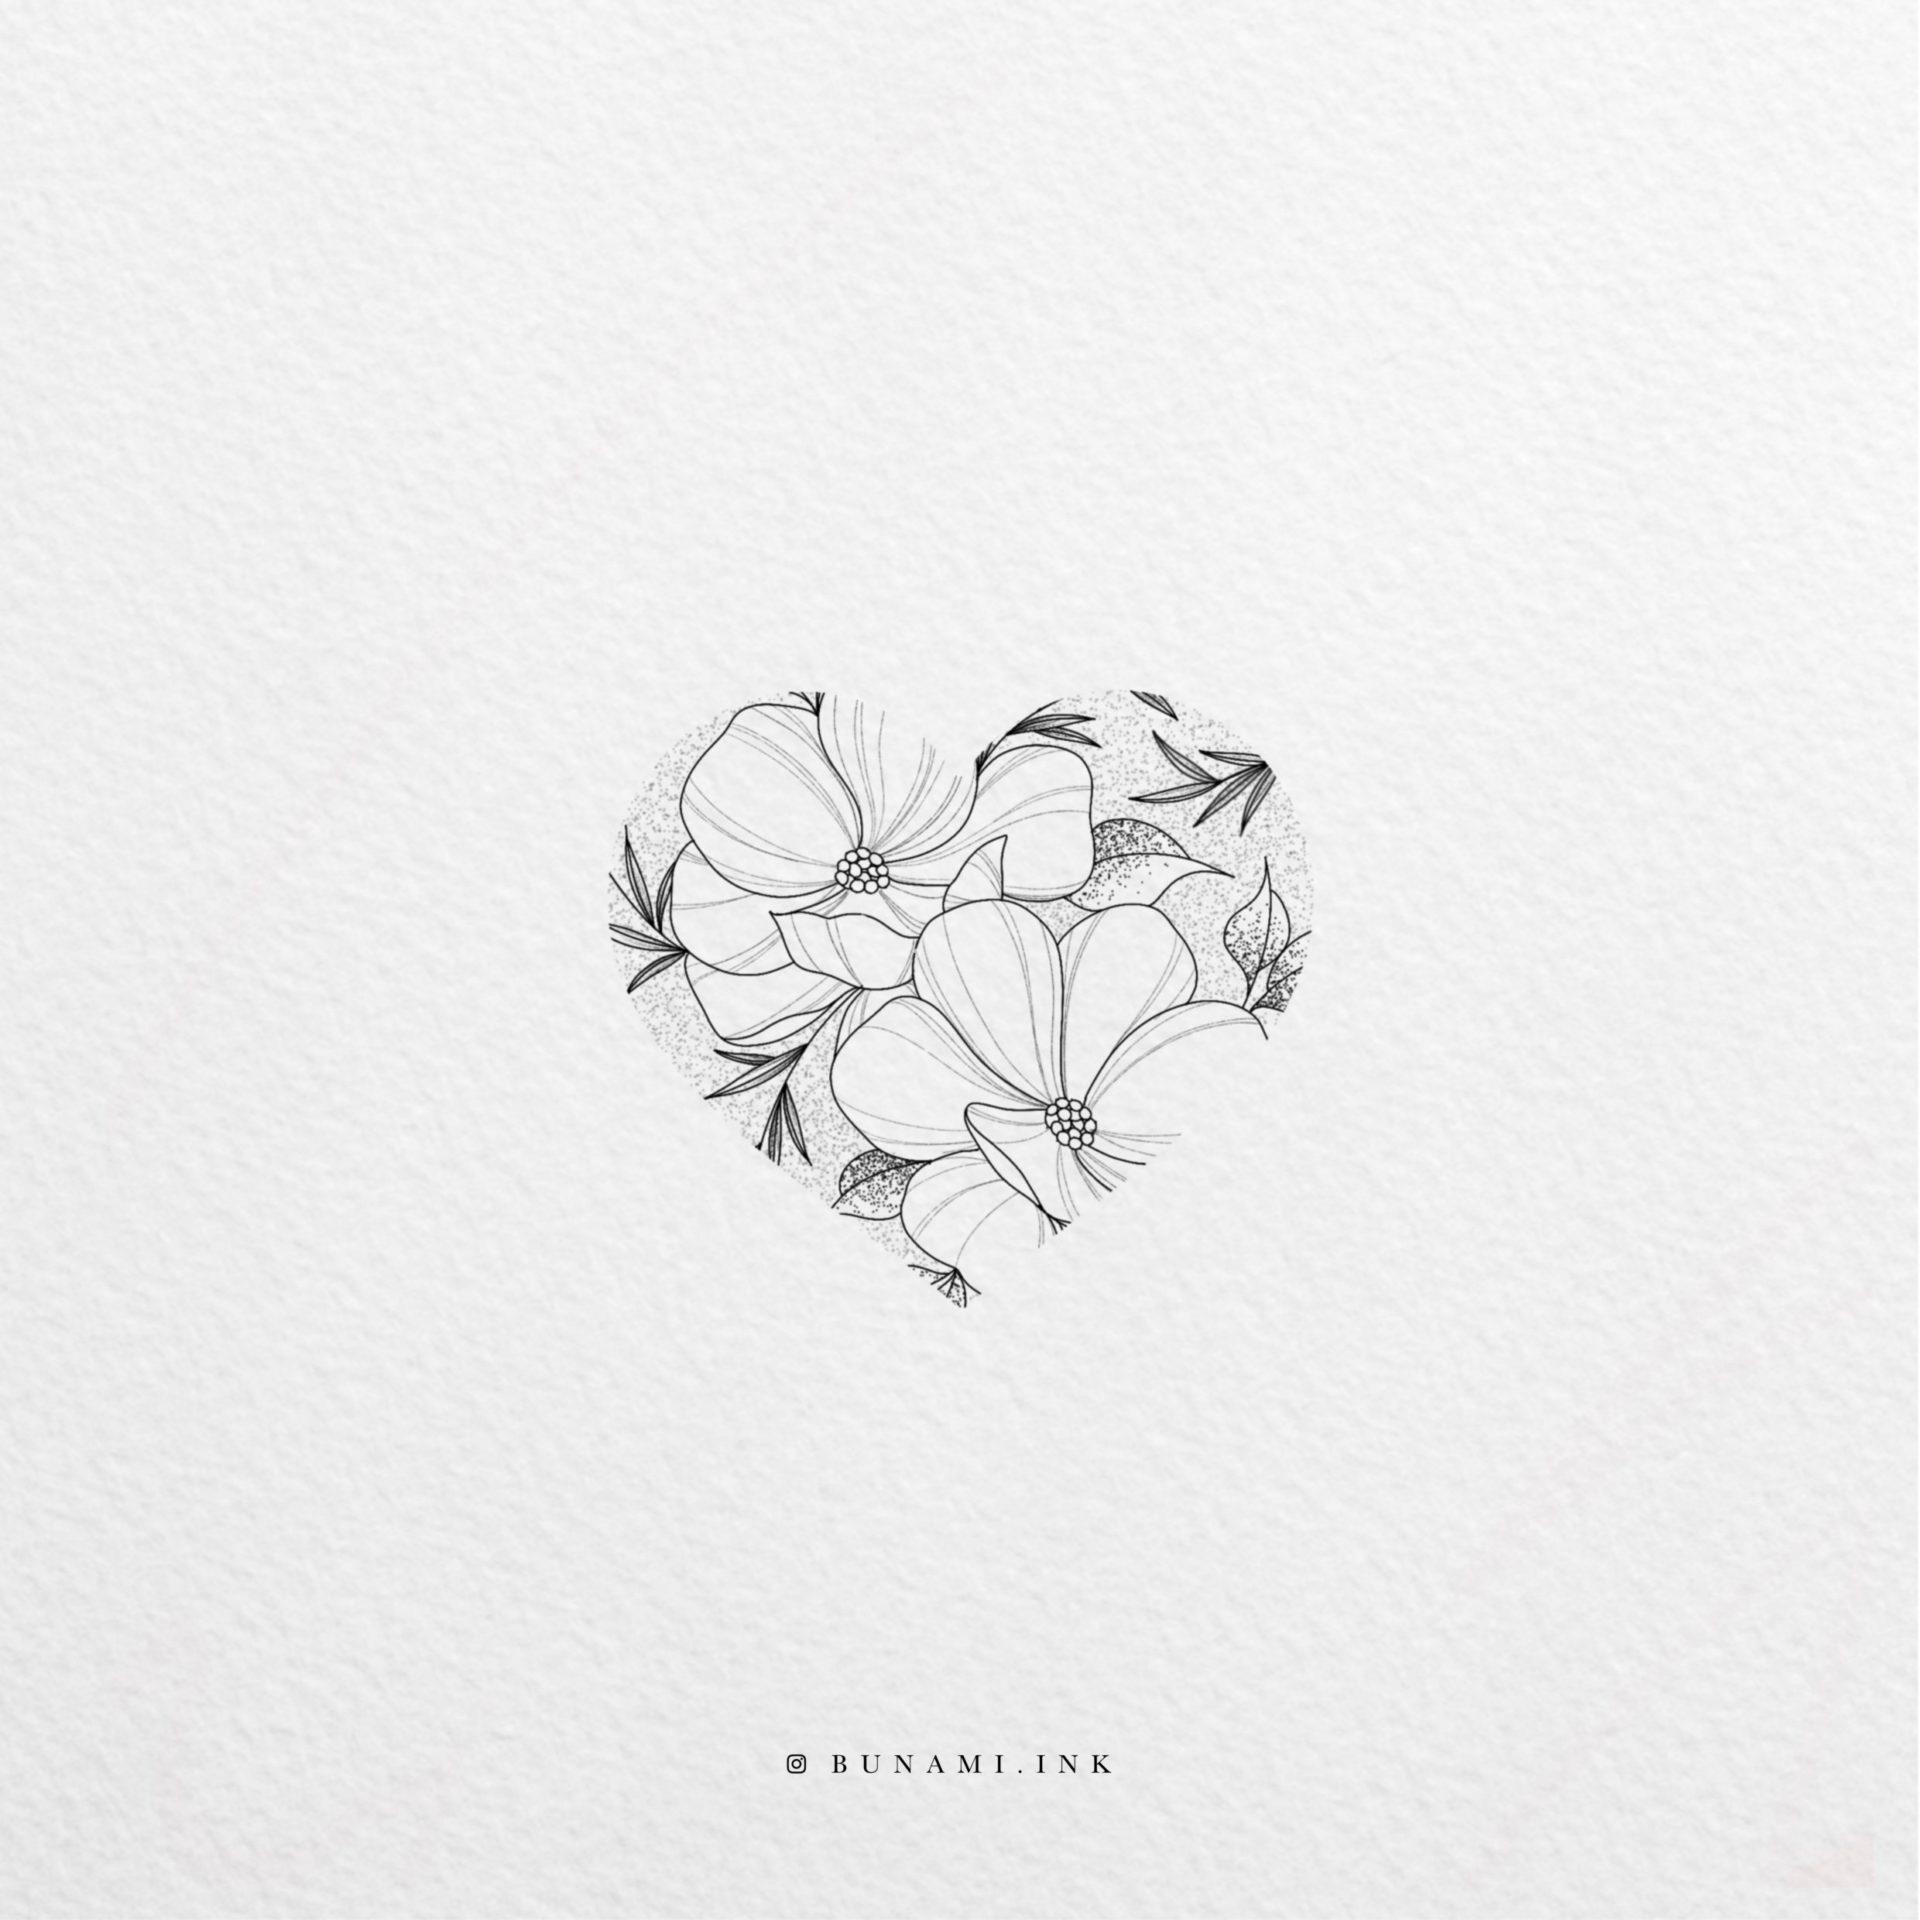 wild_flower_heart_2019-21-12